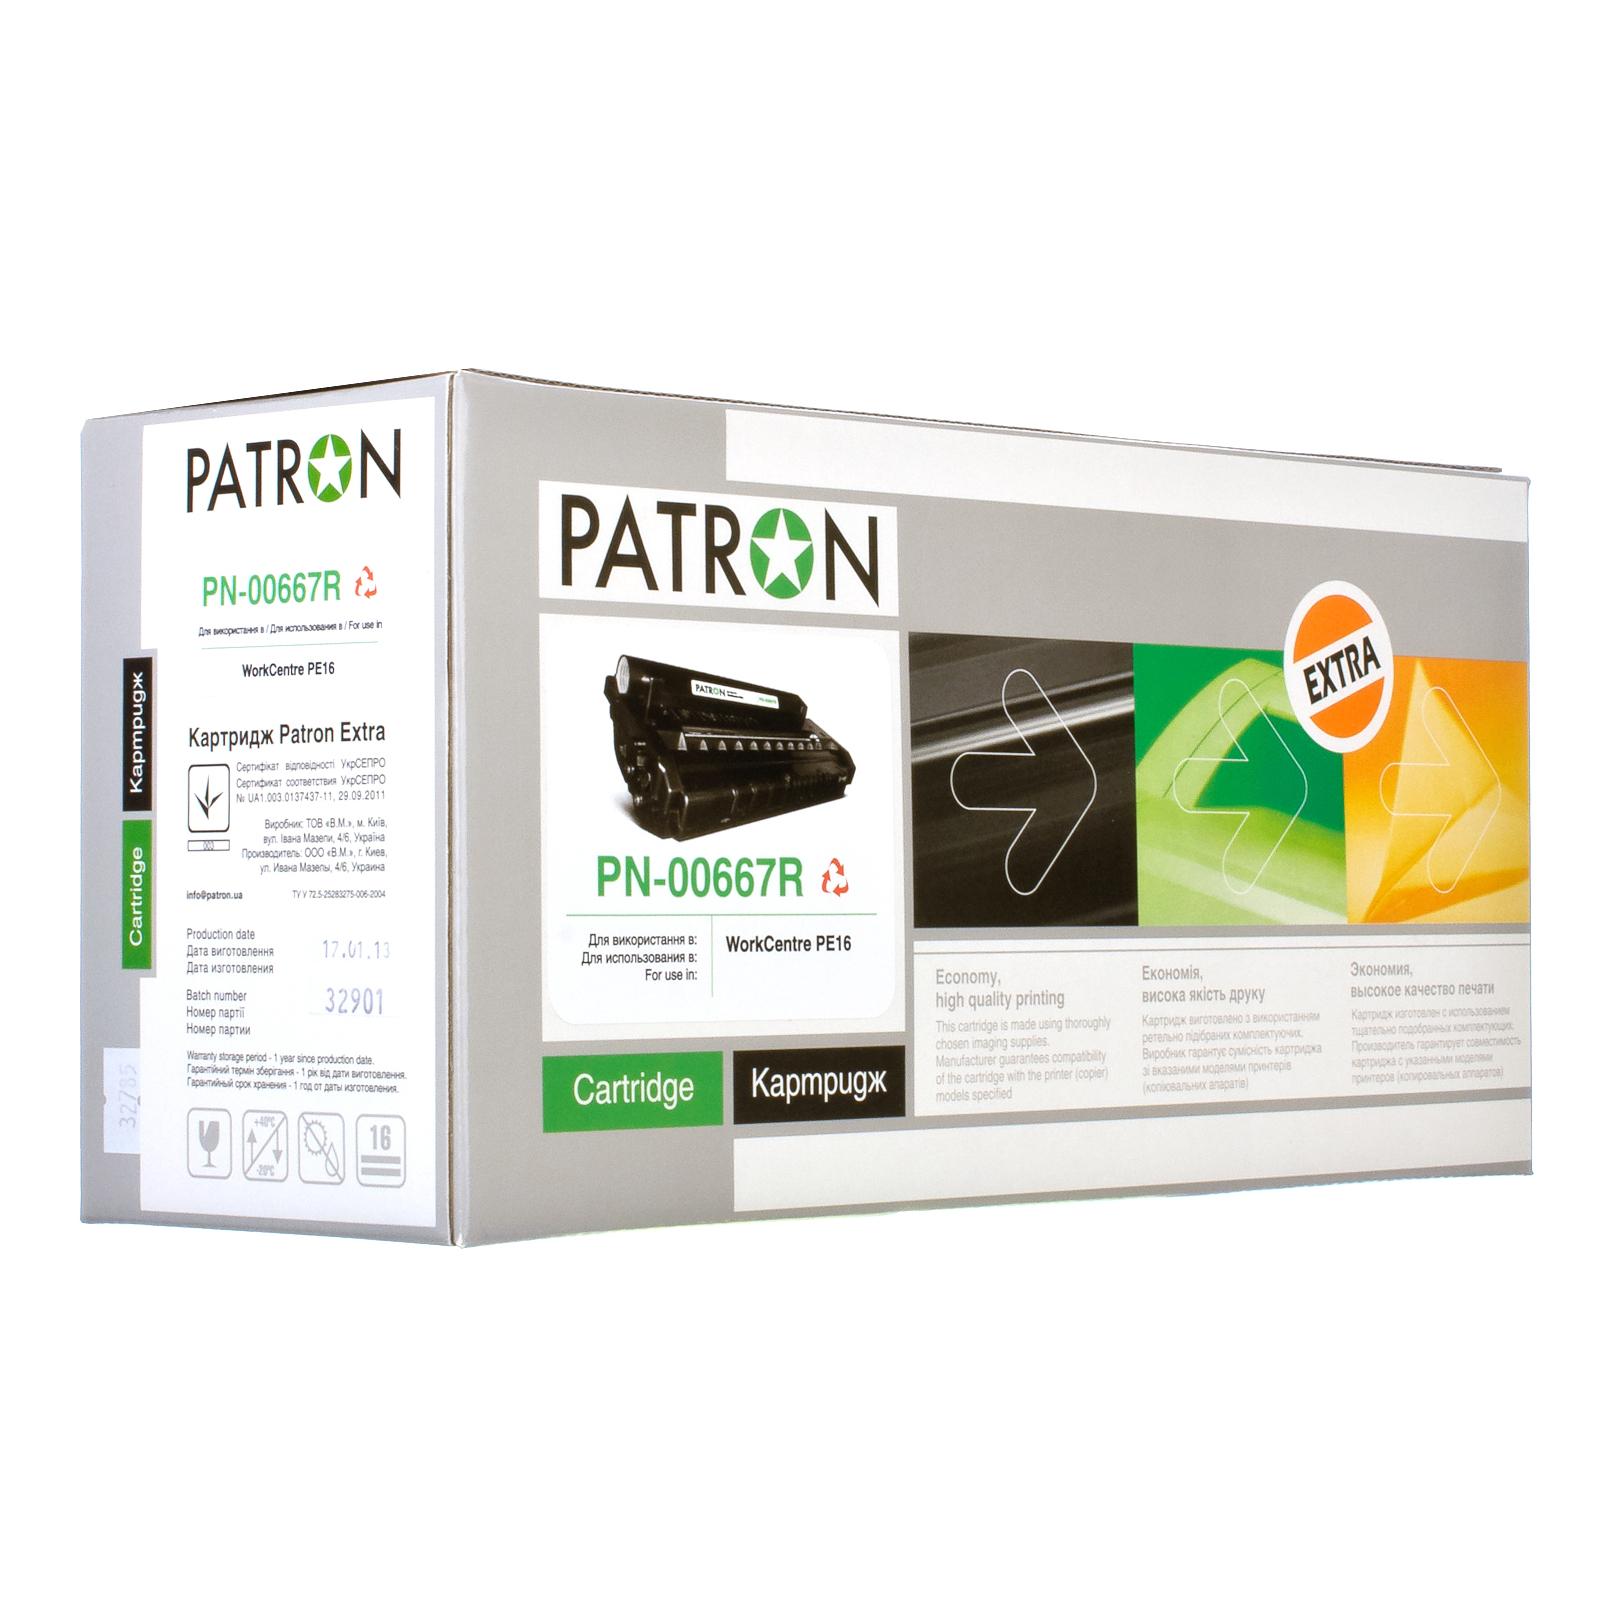 Картридж PATRON XEROX WC PE16 (PN-00667R) 113R00667 Extra (CT-XER-113R00667-PNR) изображение 2